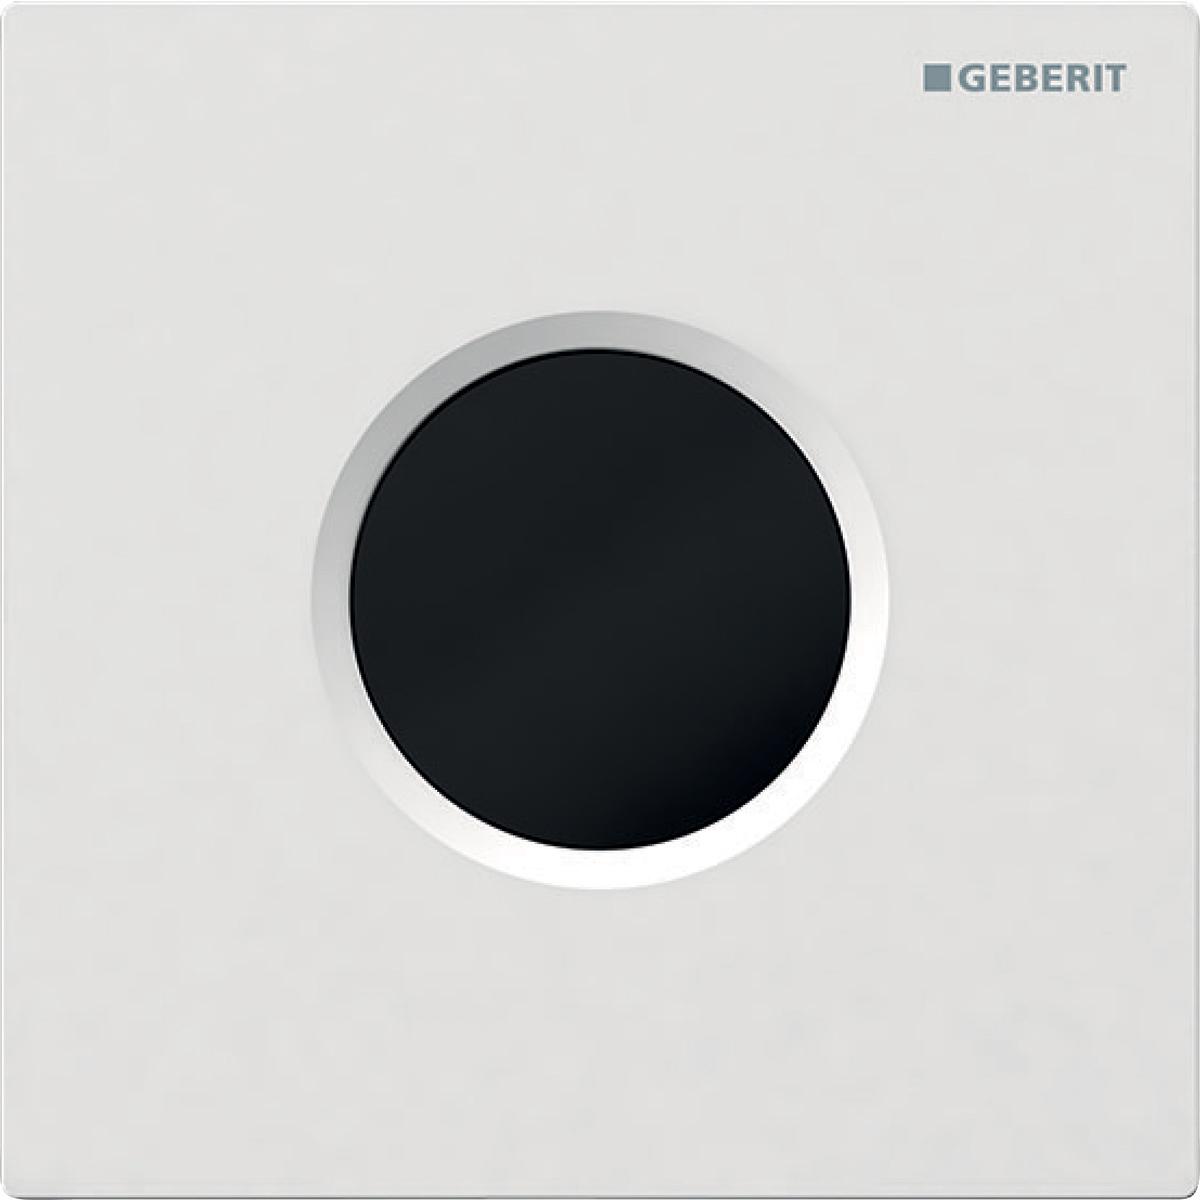 купить GEBERIT Sigma 01 116.021.11.5  (130x130мм)